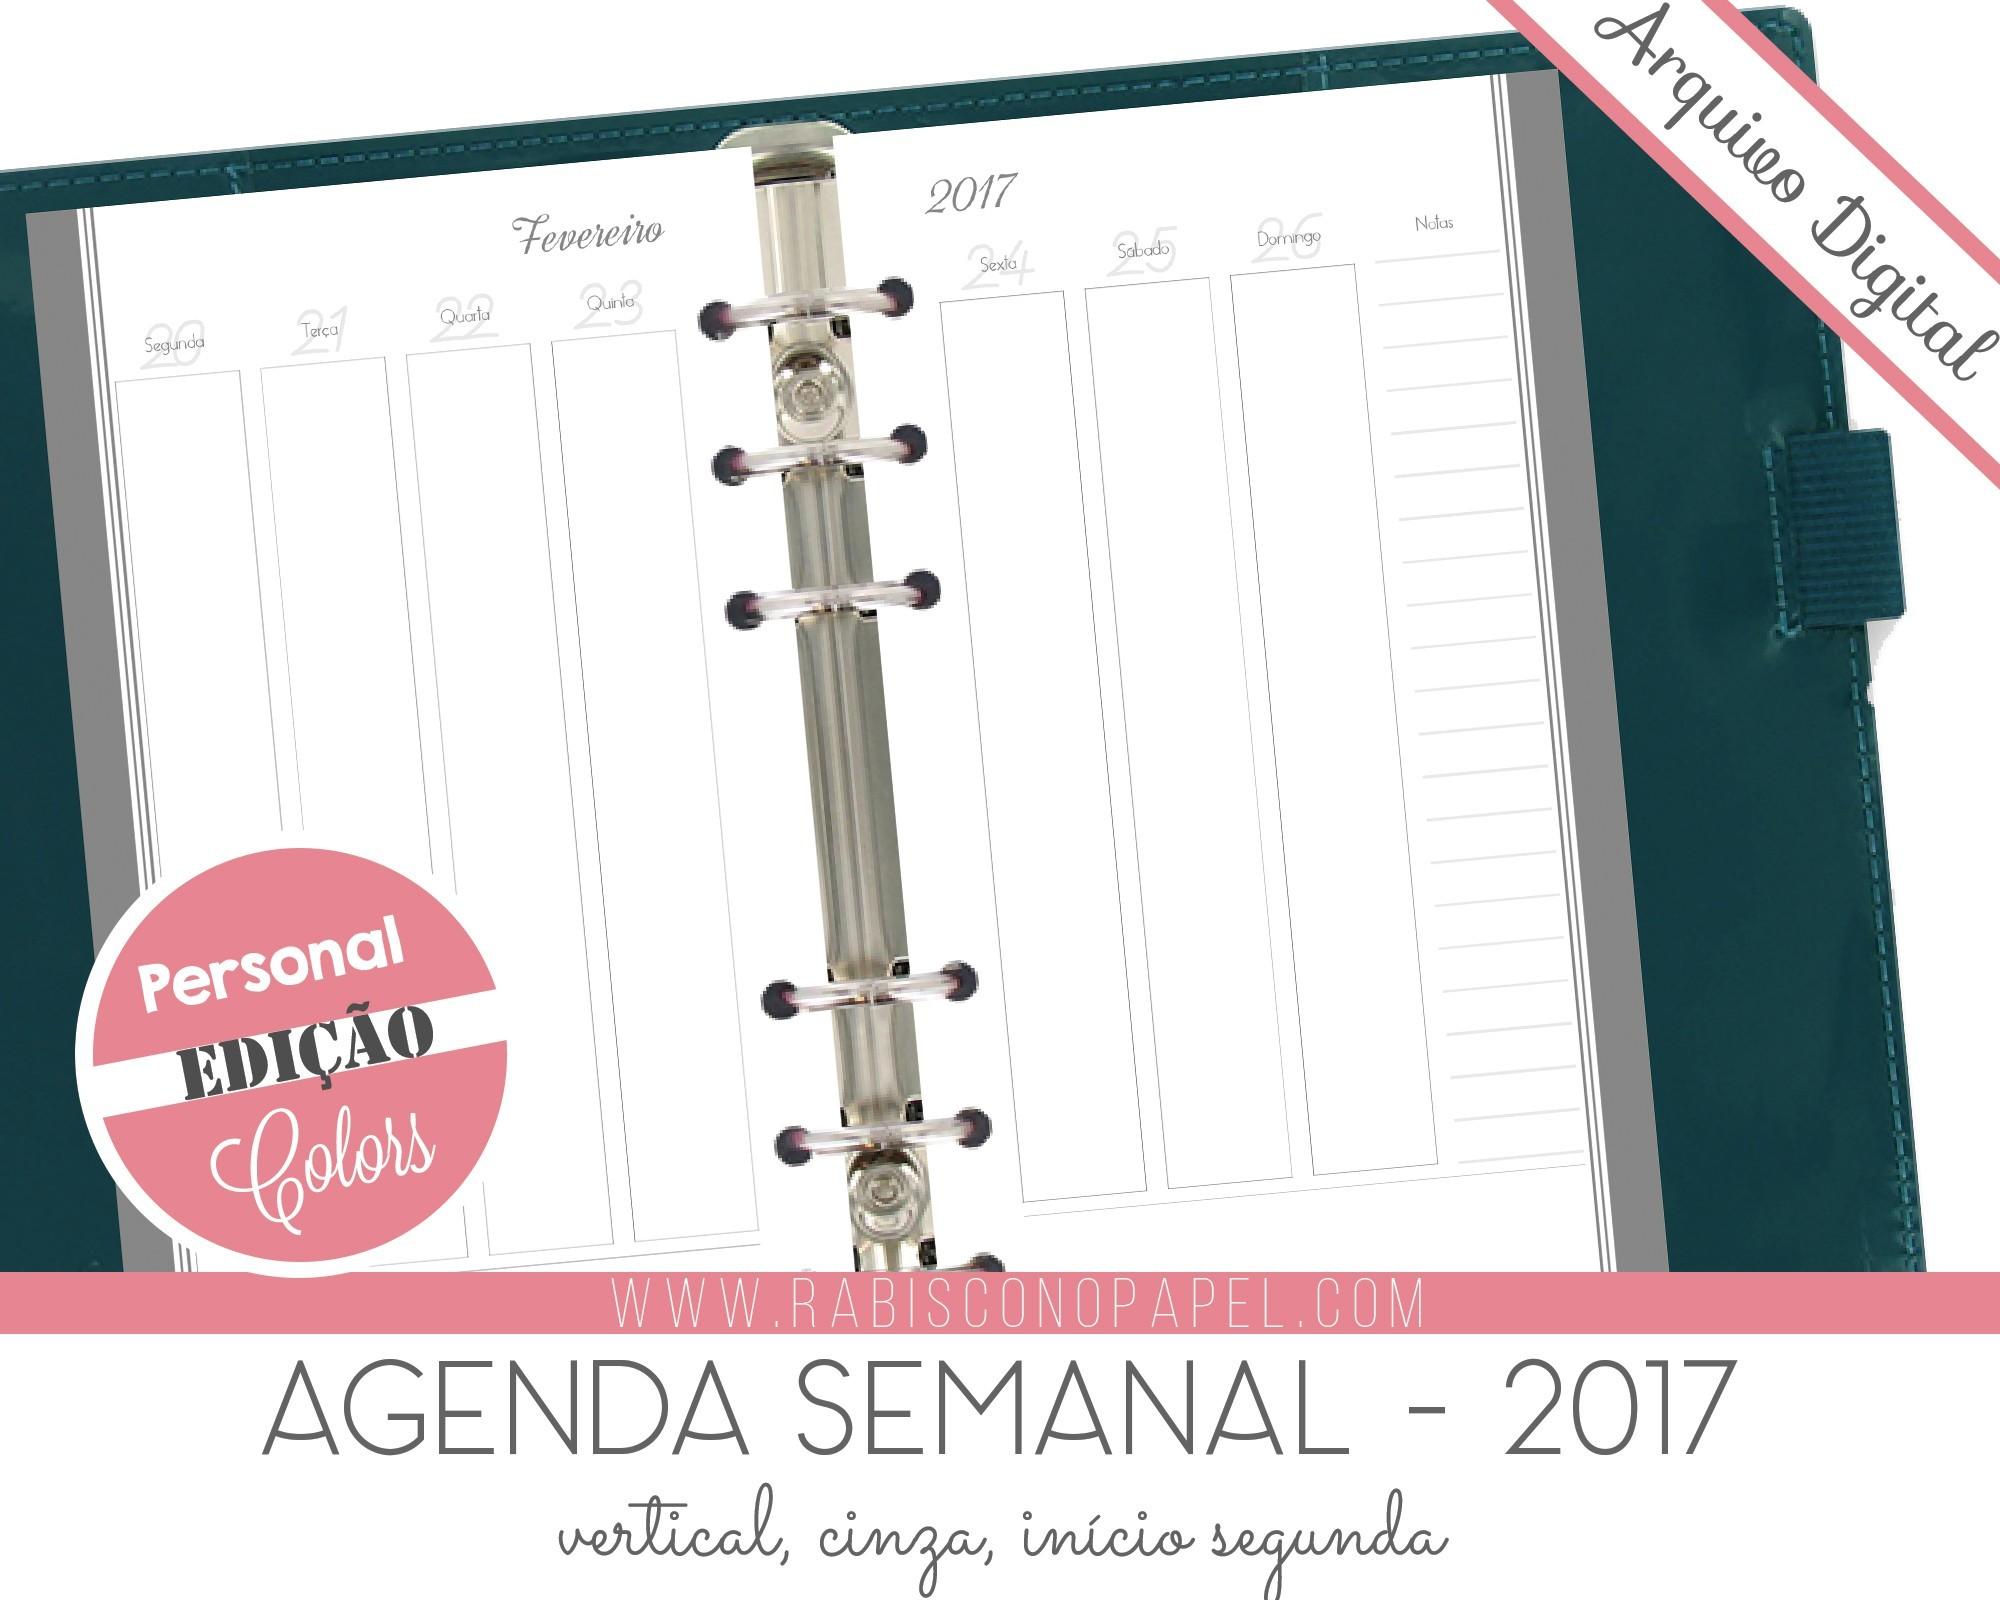 Calendario 2019 Septiembre Más Actual Observar Calendario Para Imprimir 2019 Pdf Of Calendario 2019 Septiembre Más Actual Calendario Laboral Boe 2019 Seonegativo